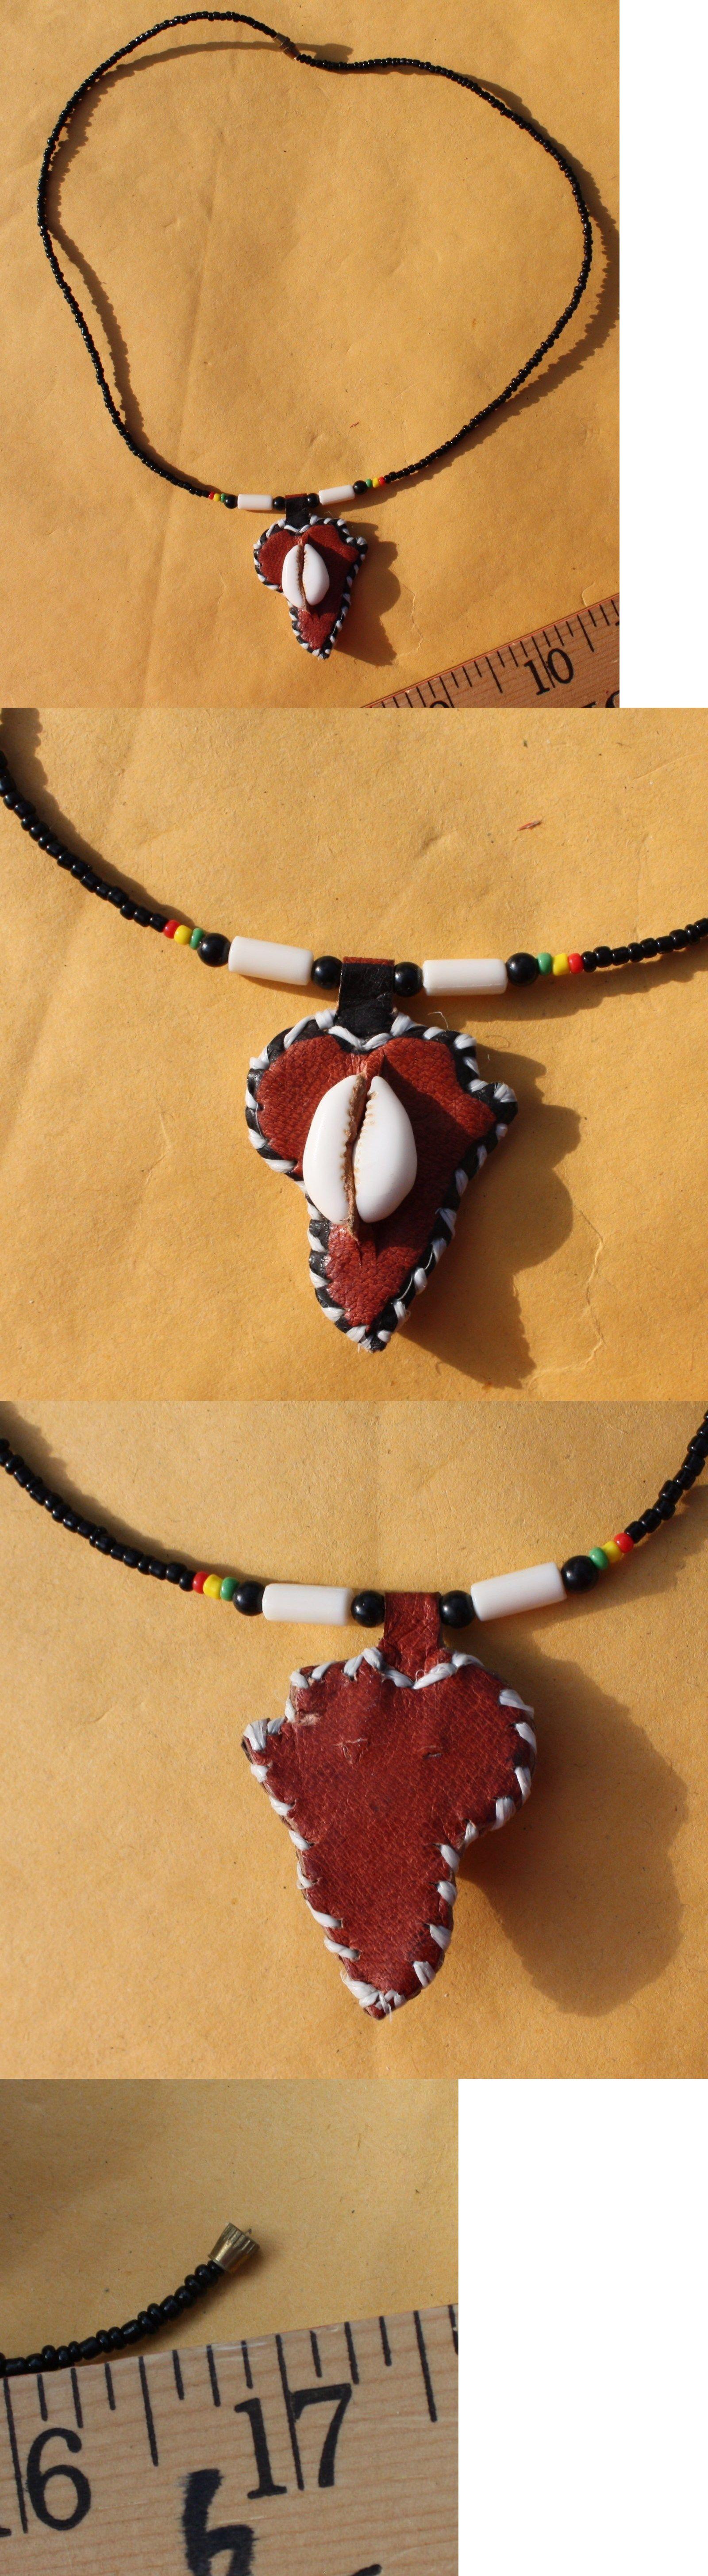 Bracelets 98480: Vintage Kenya Africa Black Bead Shell